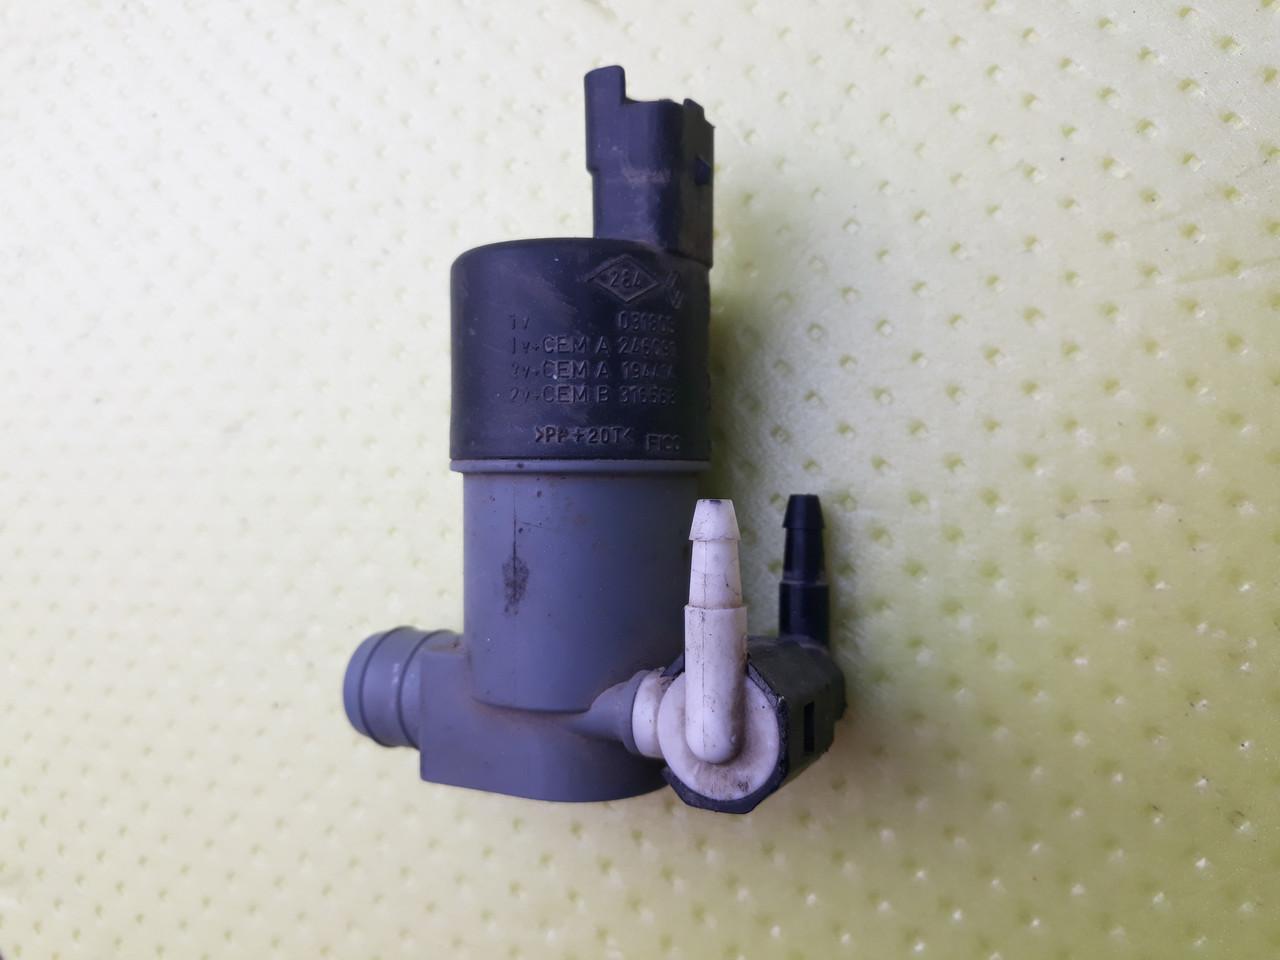 Насос моторчик омывателя Peugeot Renault Fiat  Alfa Lancia Citroen dacia opel nissan 9641553980 9641553880 бу